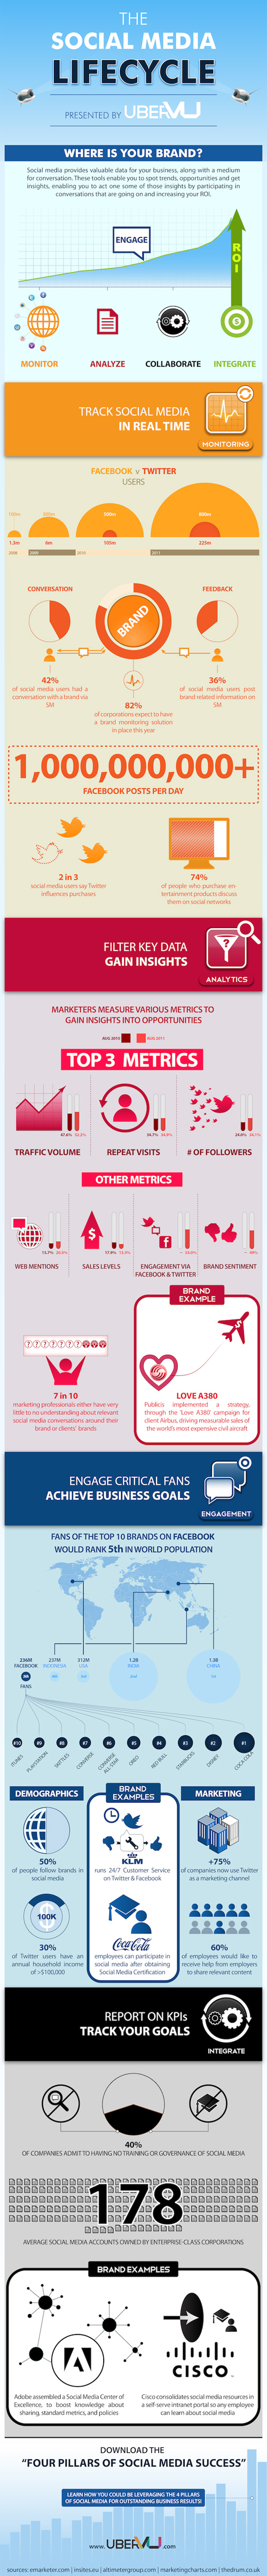 El Ciclo de vida del Social Media.  #socialmedia #infografia #infographic